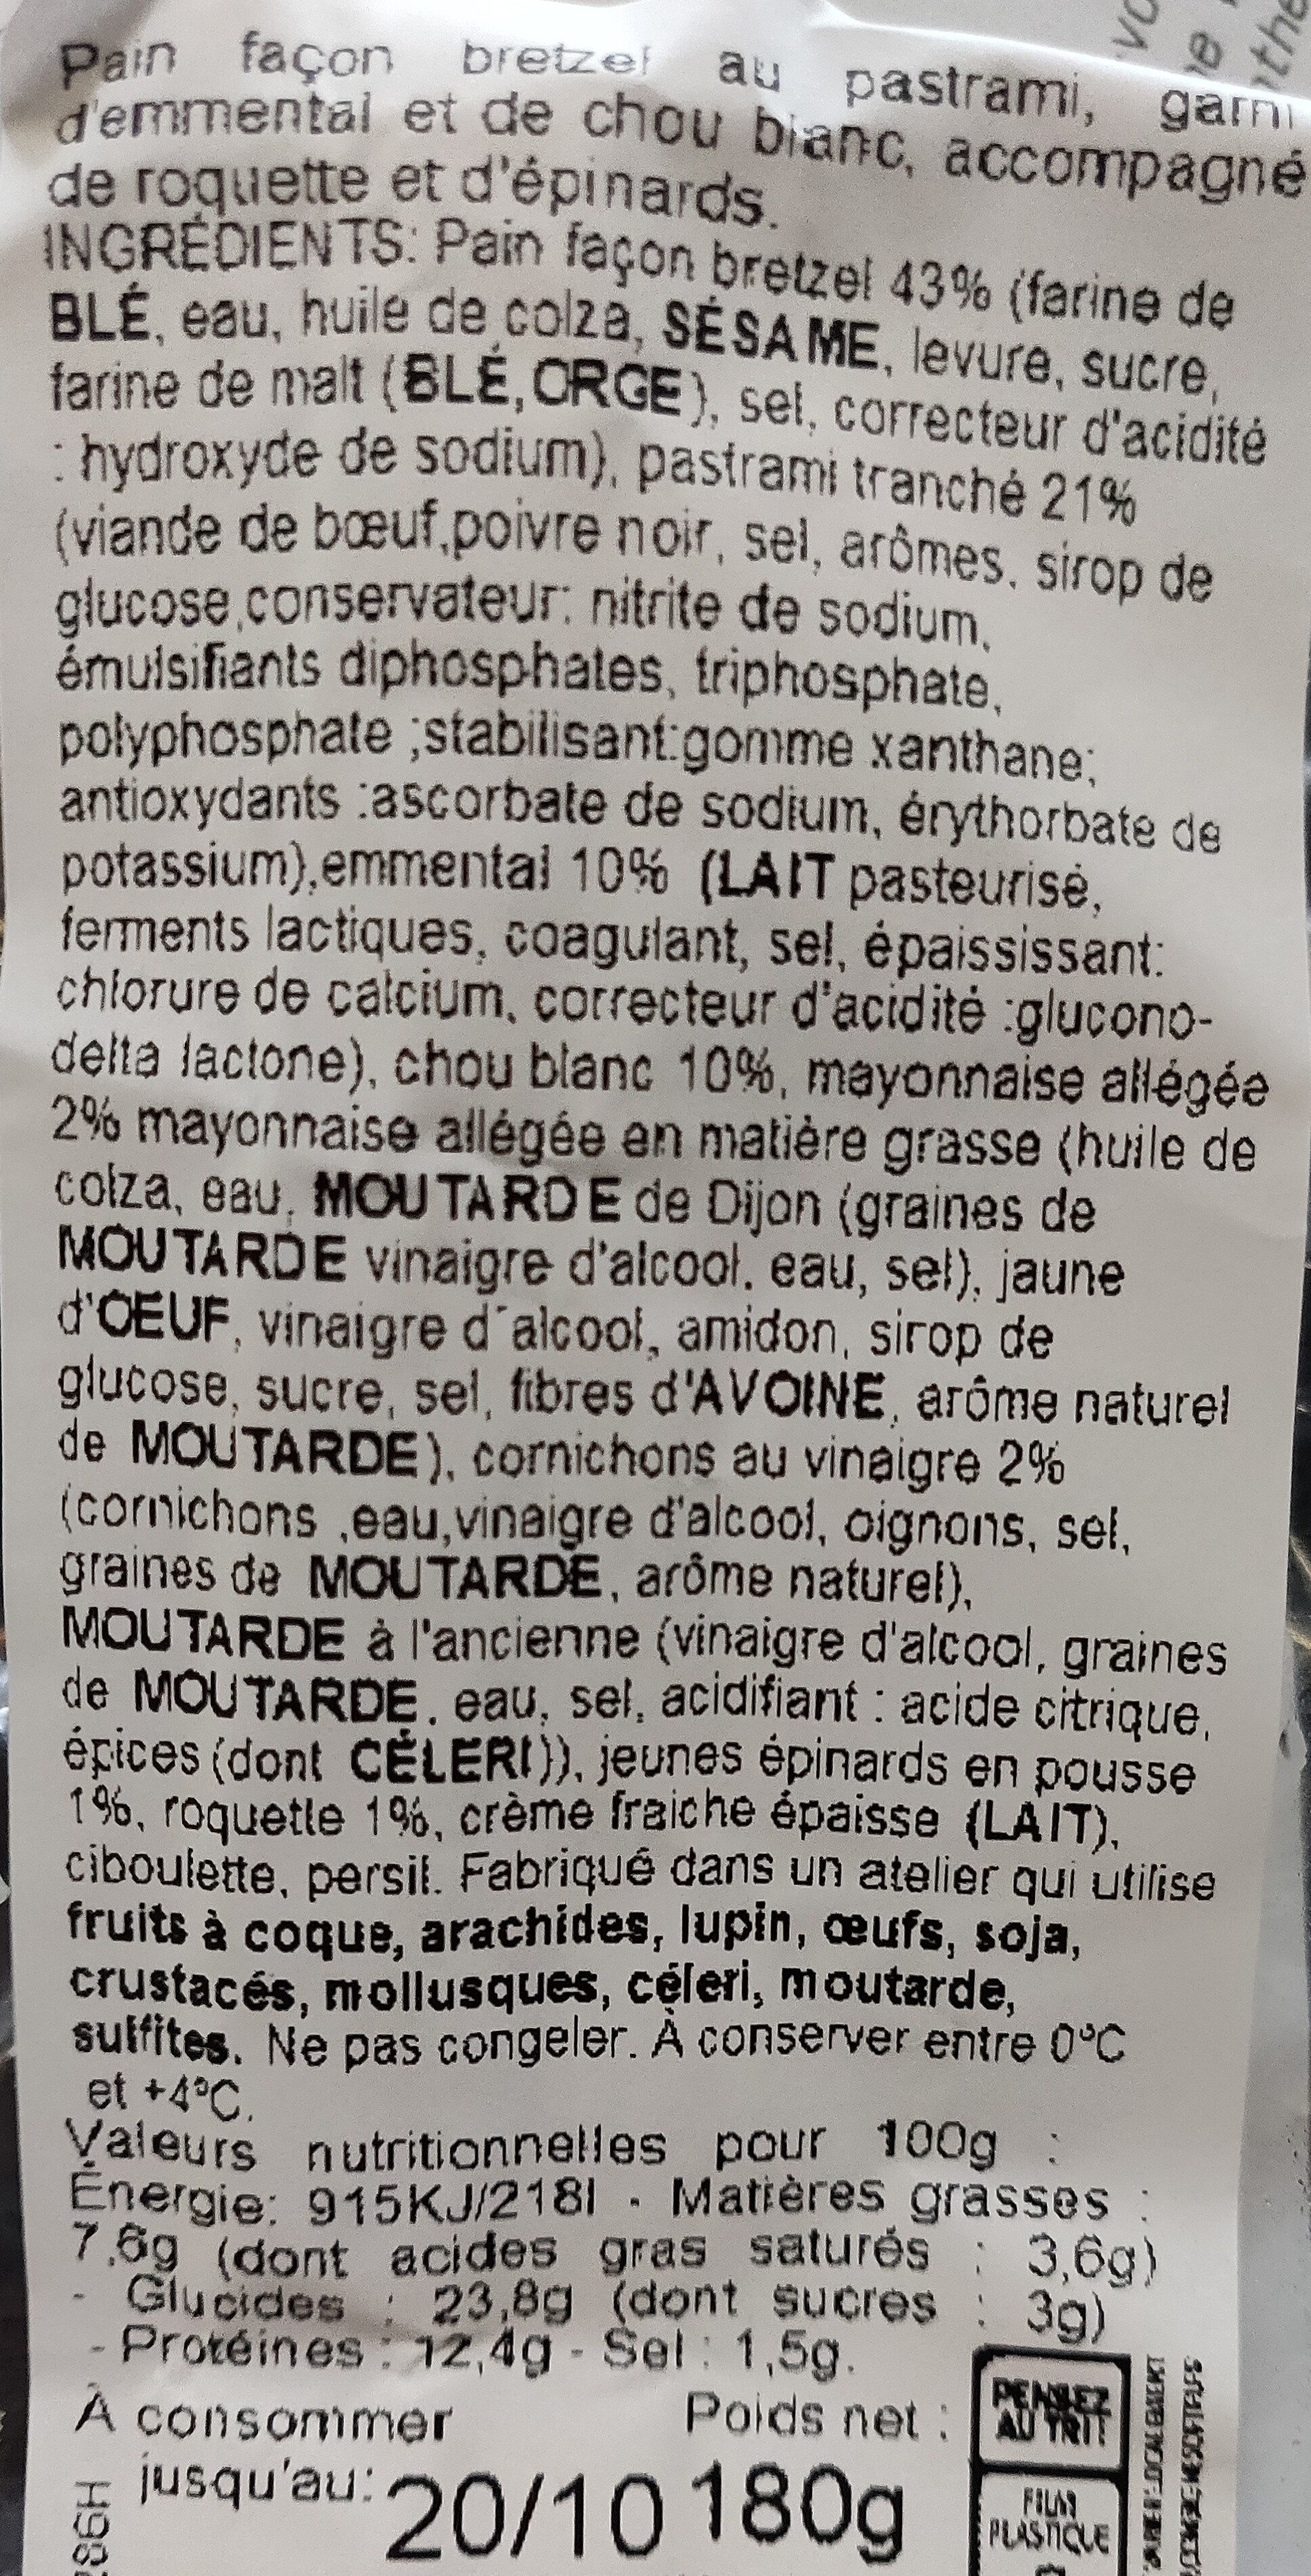 Bretzel pastrami - Ingrediënten - fr